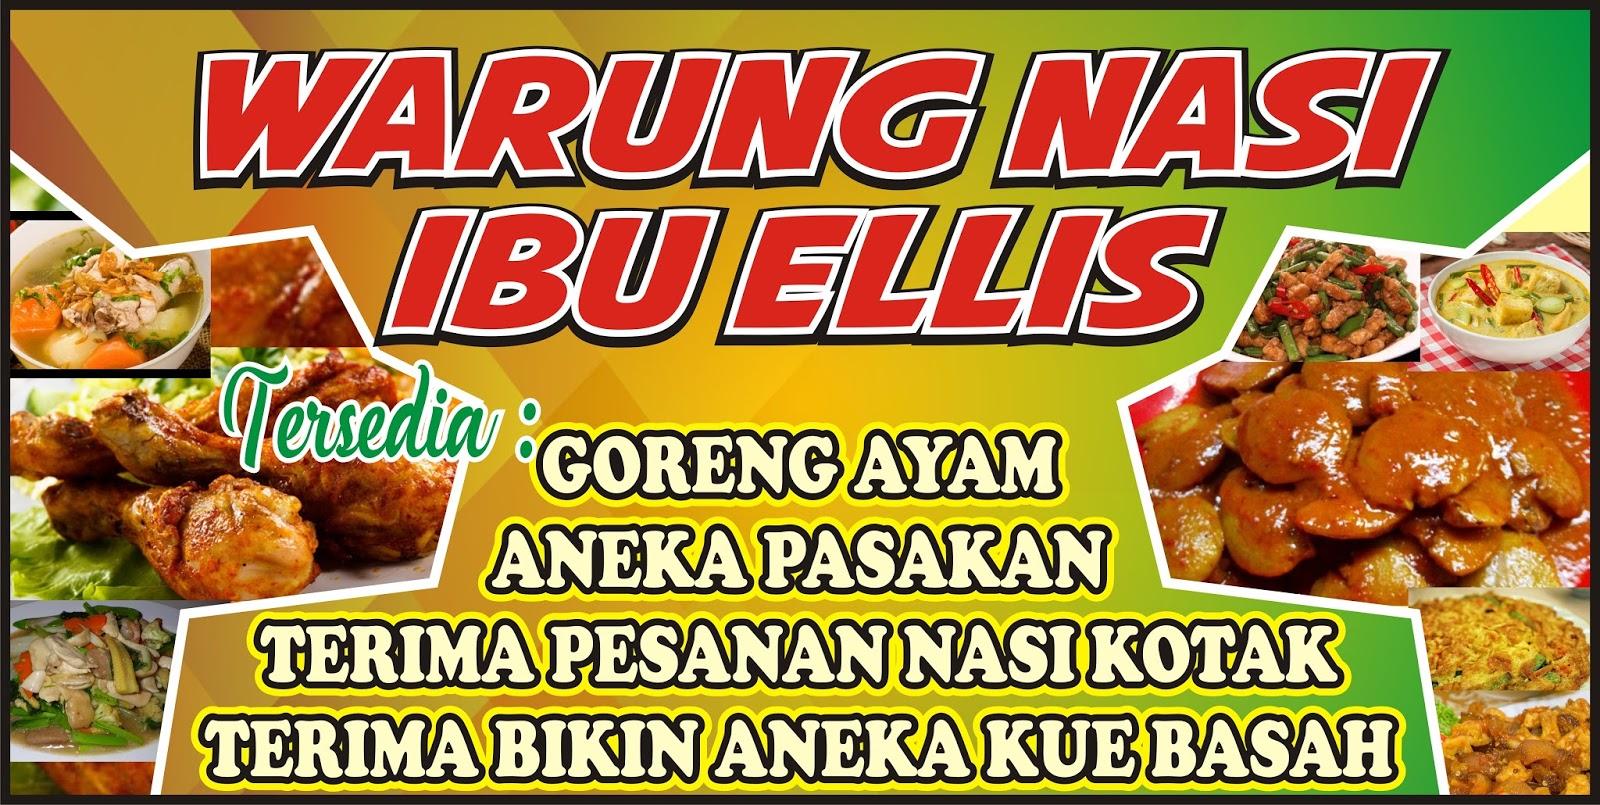 Download Kumpulan Contoh Spanduk Warung Nasi.cdr - KARYAKU